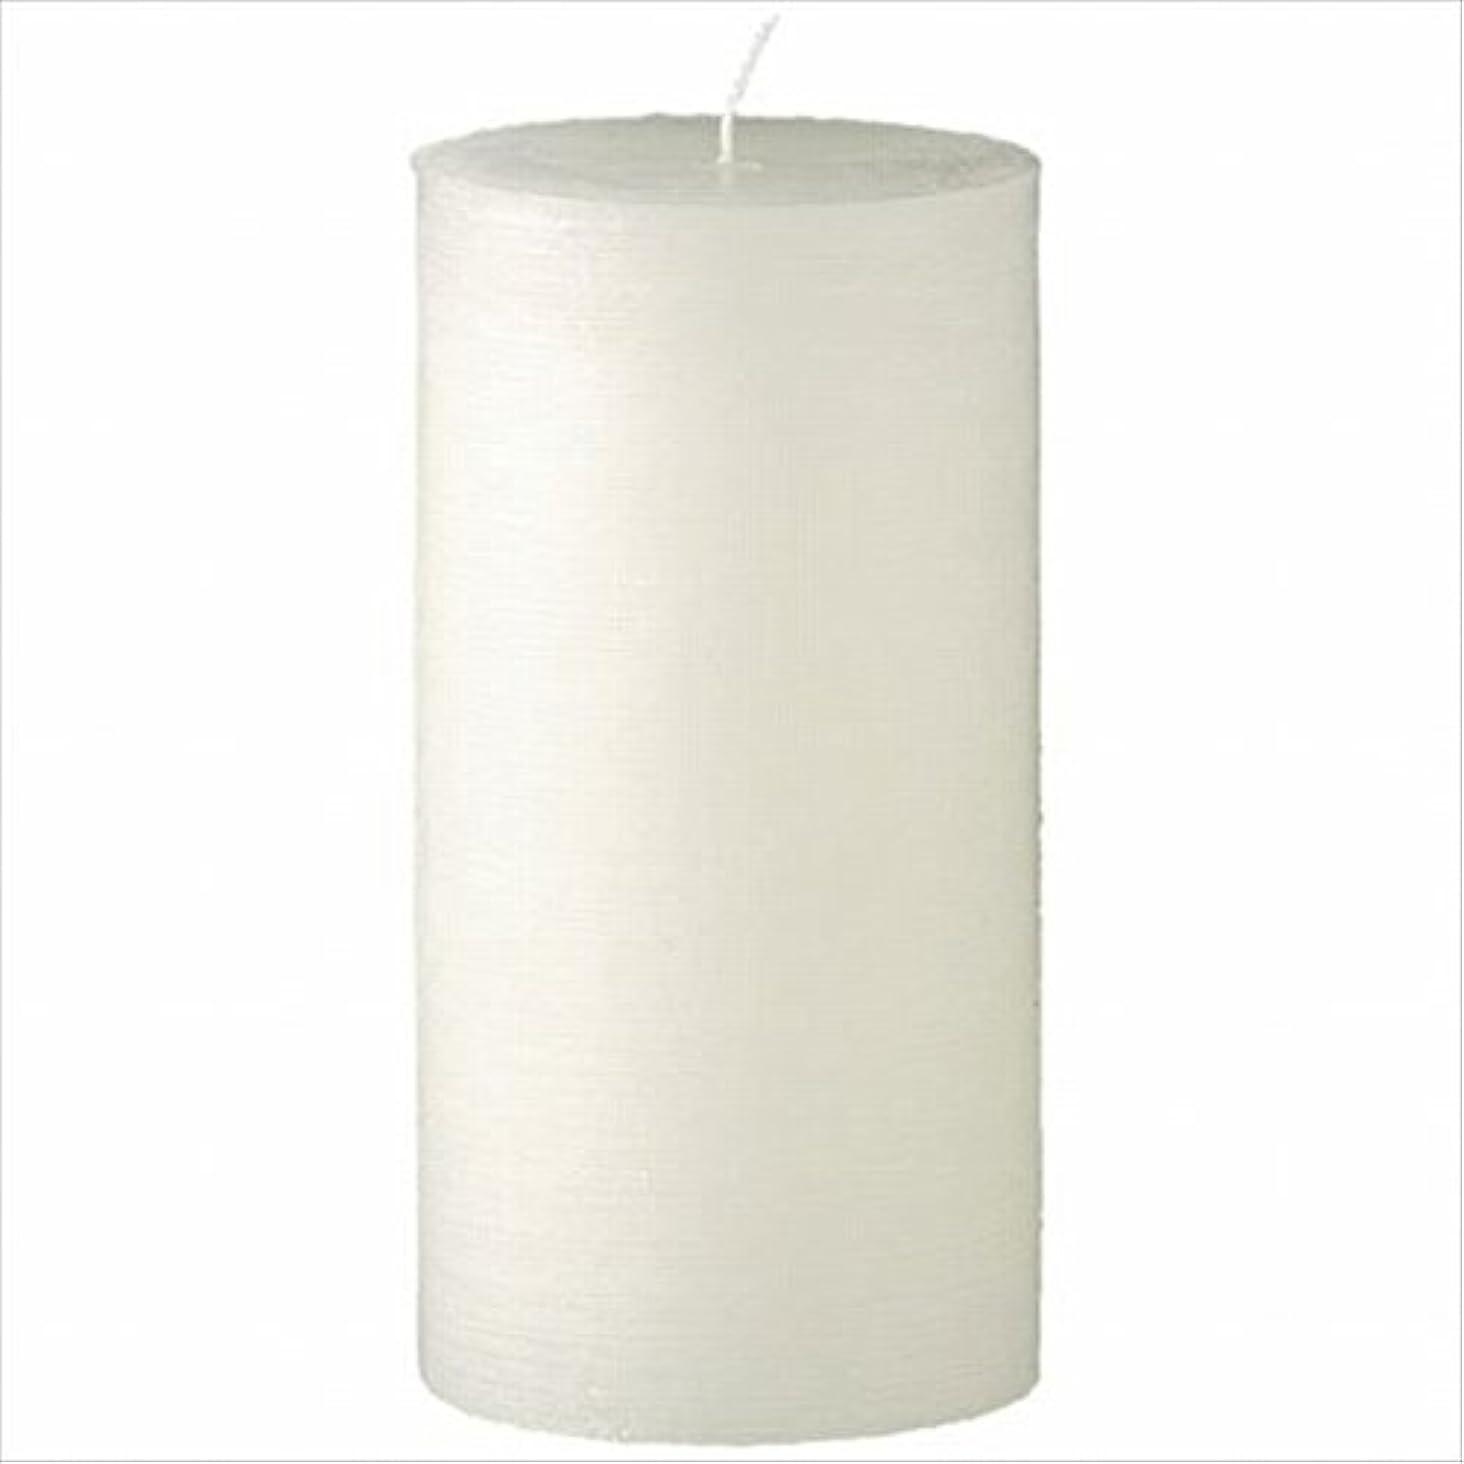 ヤンキーキャンドル( YANKEE CANDLE ) ラスティクピラー3×6 「 シルキーホワイト 」 キャンドル